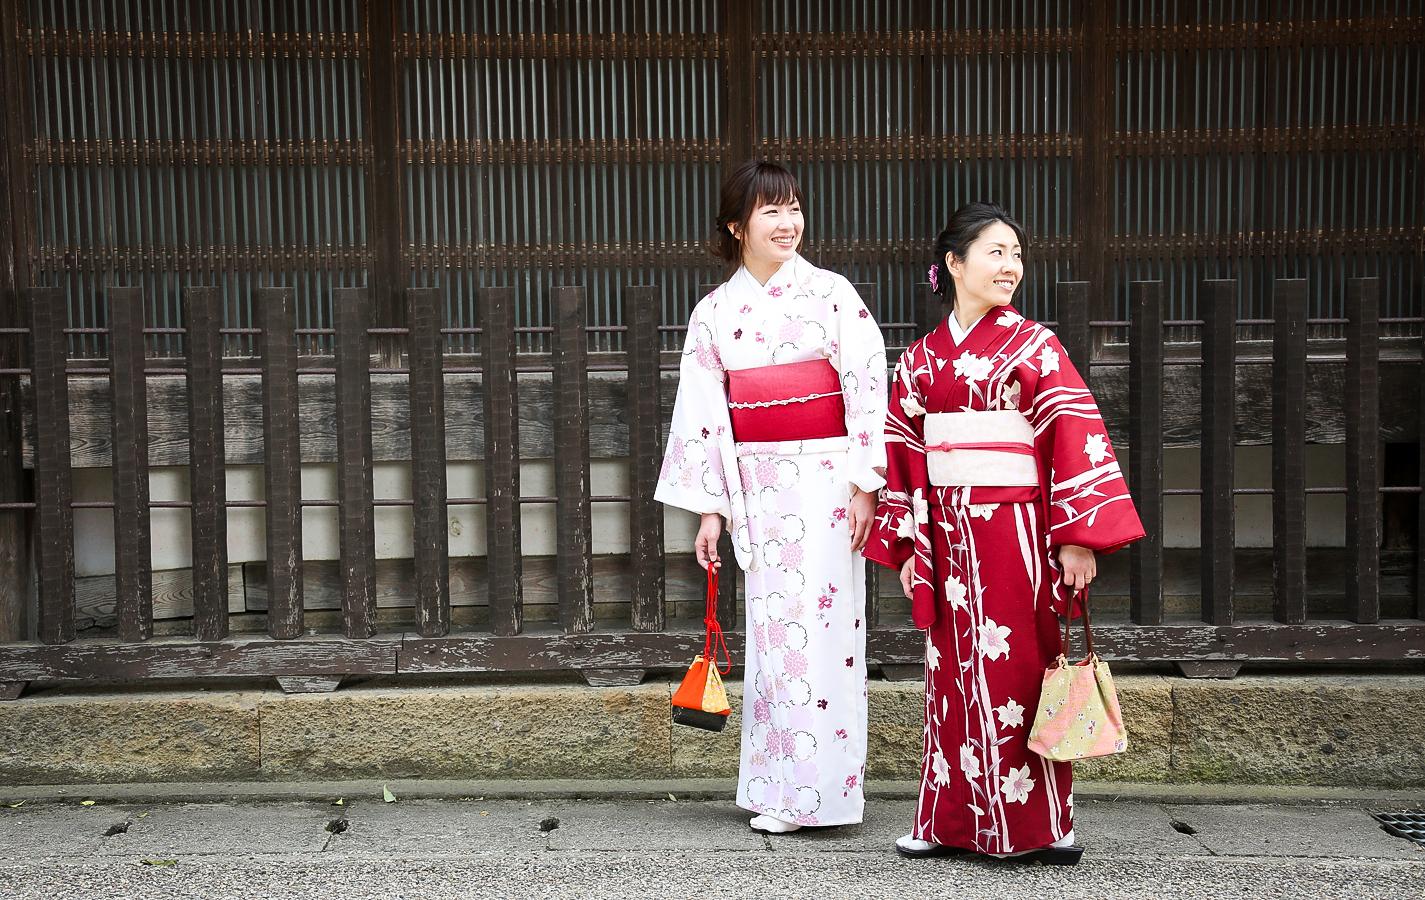 400年の歴史を感じるタイムトリップ!着物で体験!城下町レトロツアー